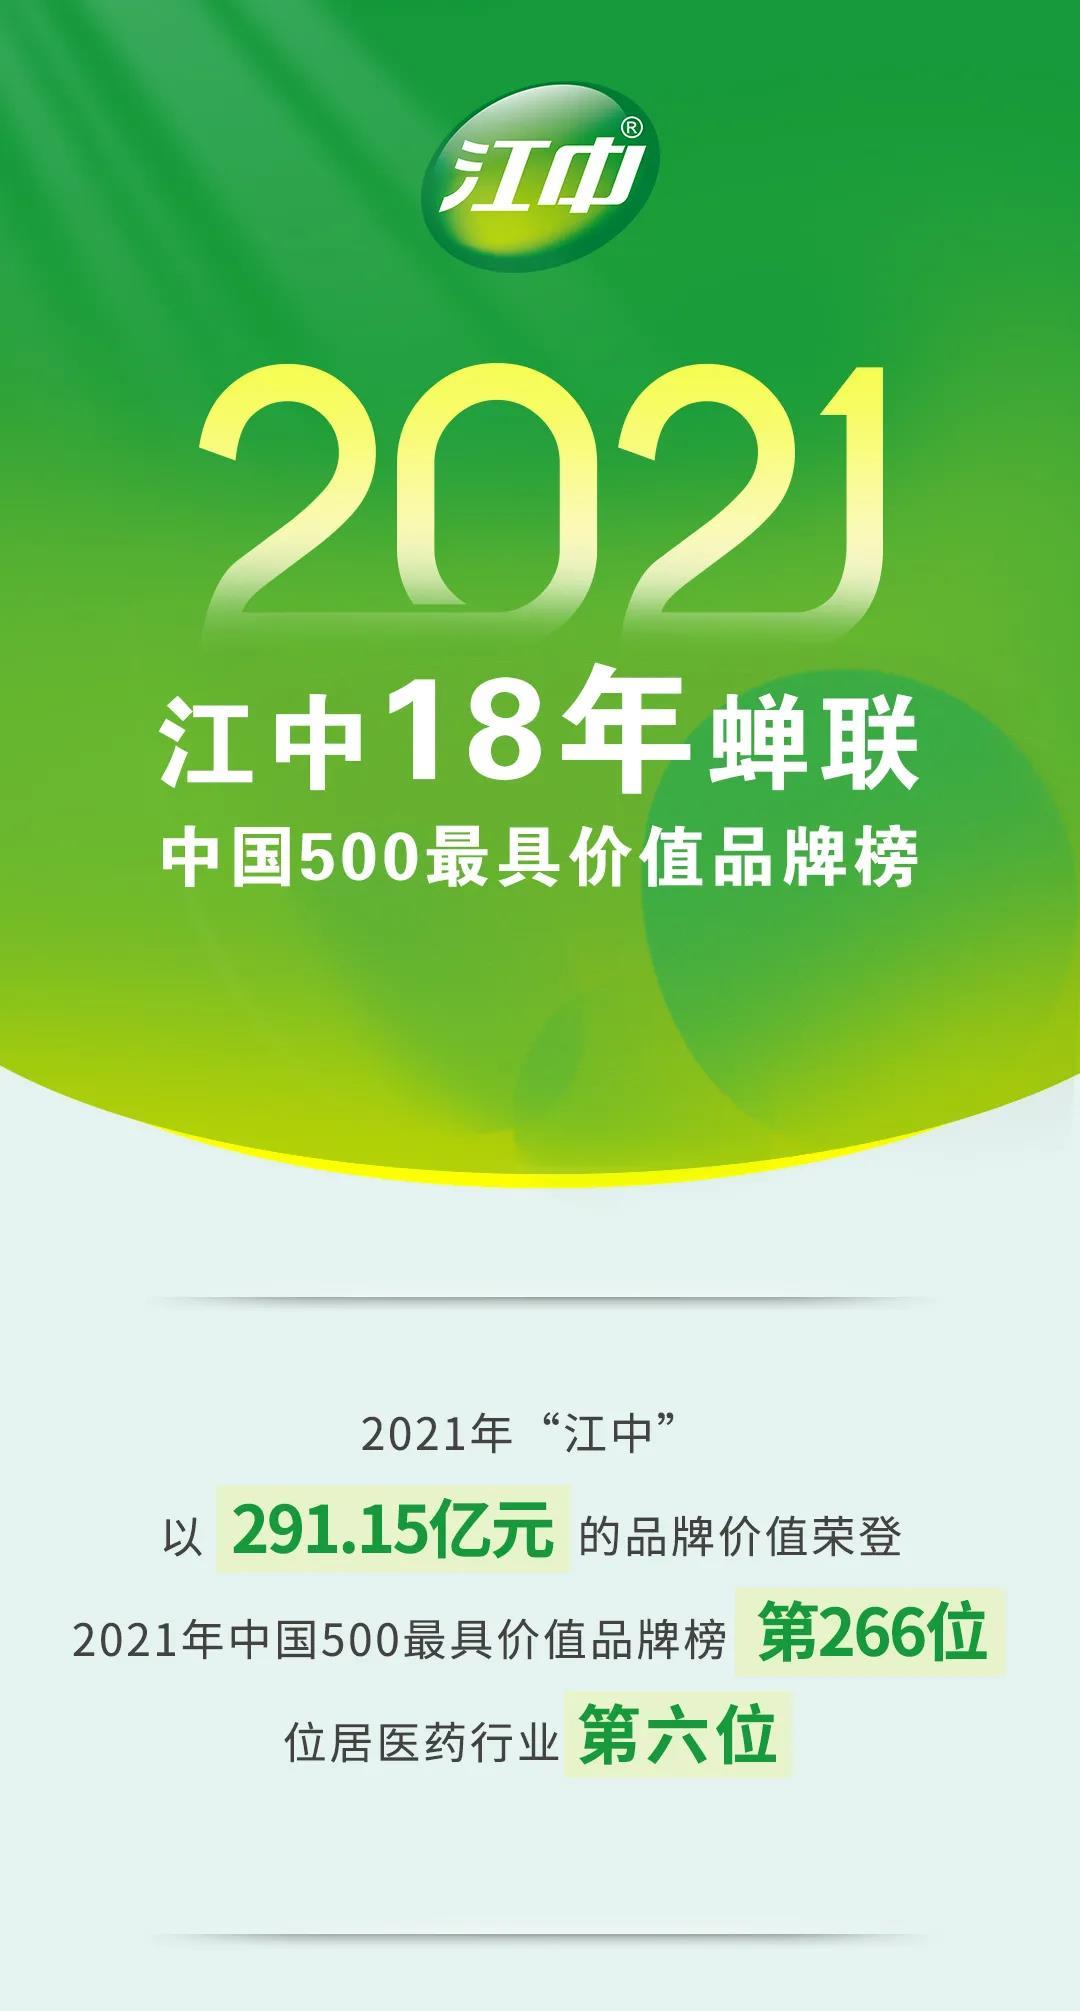 江中品牌价值291.15亿.jpg